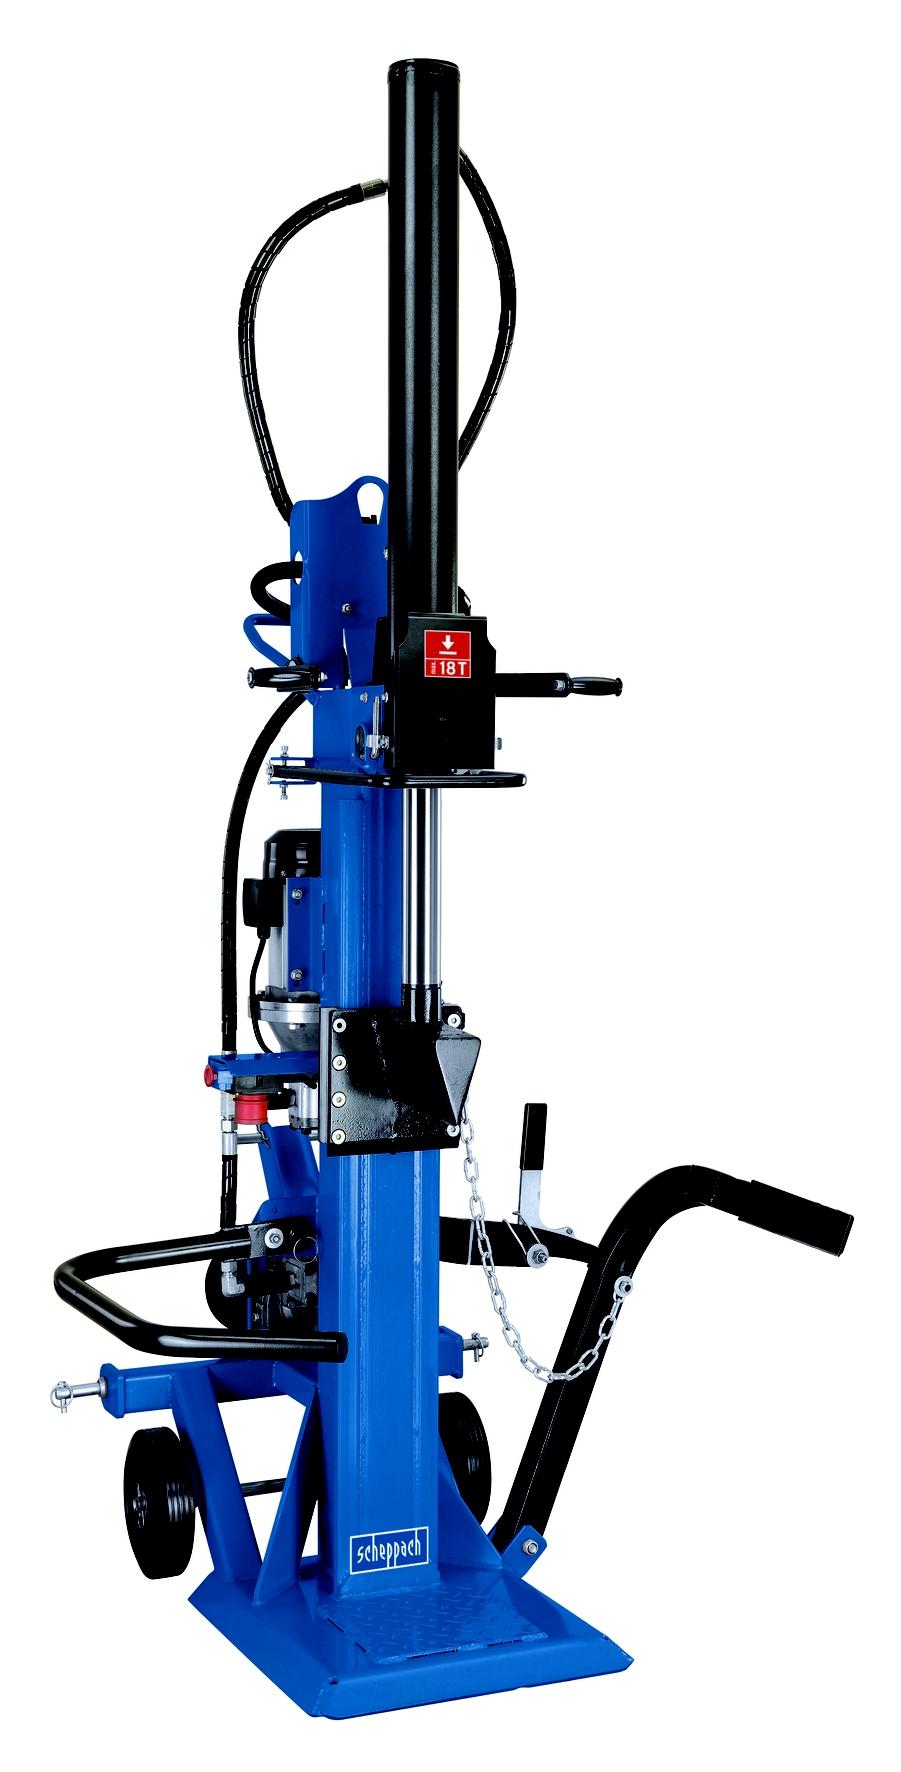 Profesionální hybridní štípač na dřevo 18 t Scheppach HL 1800 GM